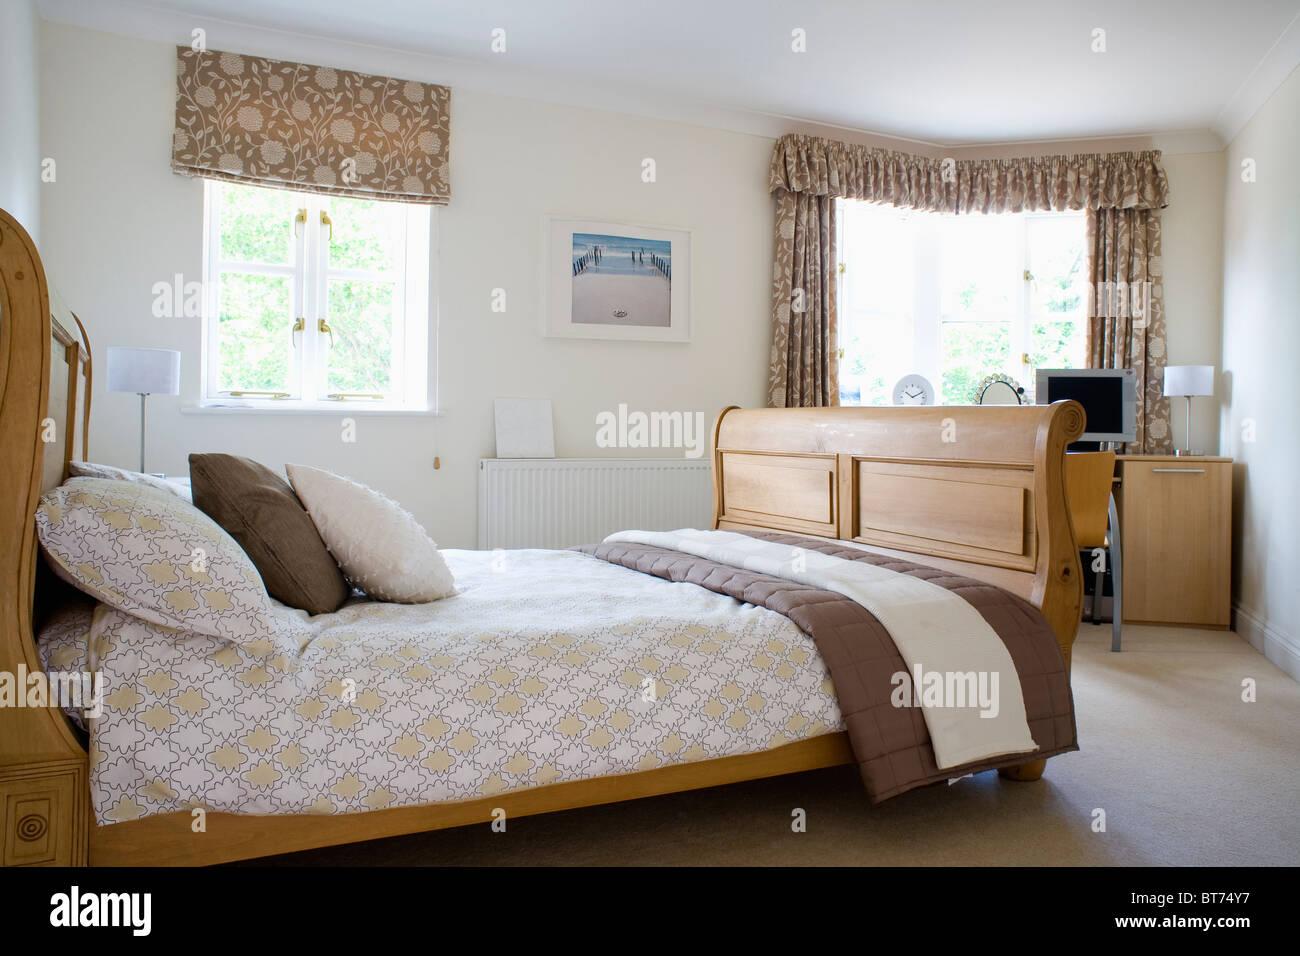 Gemusterte Braun + Creme Blind Und Passende Vorhänge Am Fenster Im  Schlafzimmer Mit Bettwäsche Auf Holzrahmen Bett Beige Und Braun Werfen